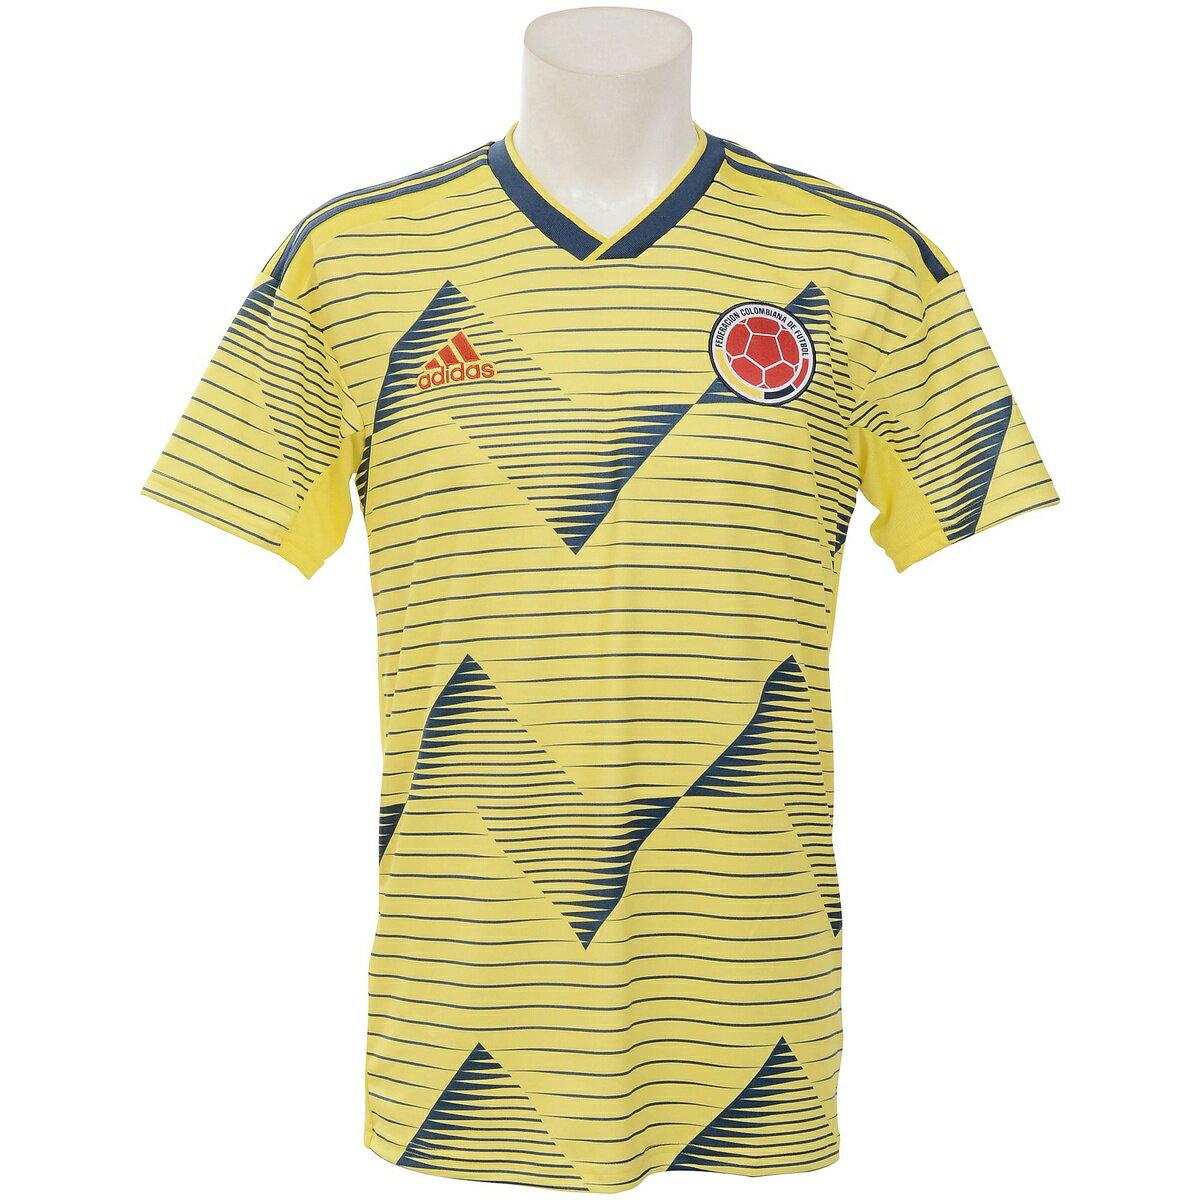 送料無料adidas(アディダス)サッカー海外クラブナショナルチームコロンビア代表ホームユニフォーム